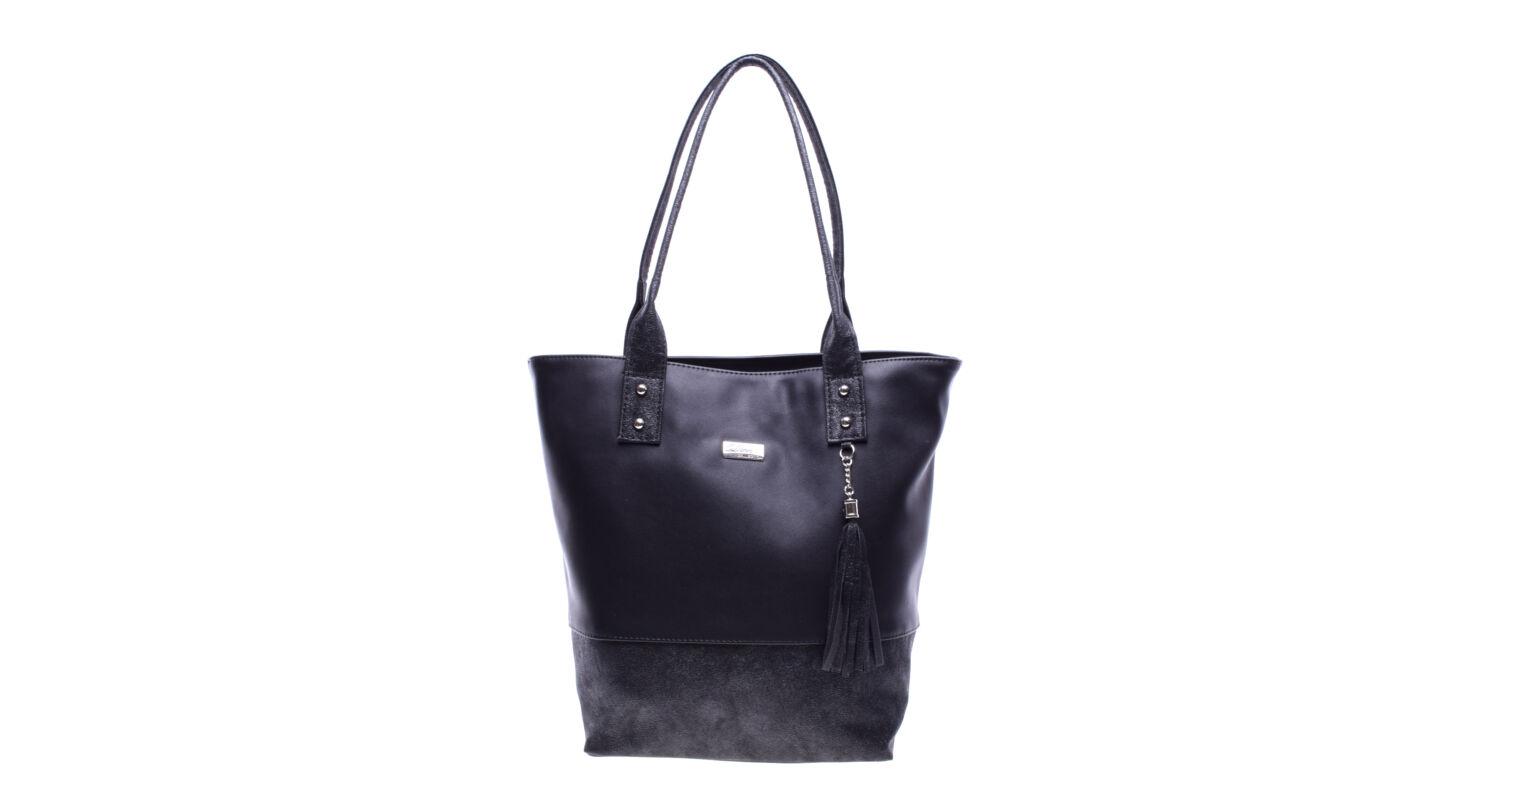 071e49e2ce7d Diva Női Fekete Nagy Műbőr Válltáska - Válltáskák - Táska webáruház - Minőségi  táskák mindenkinek